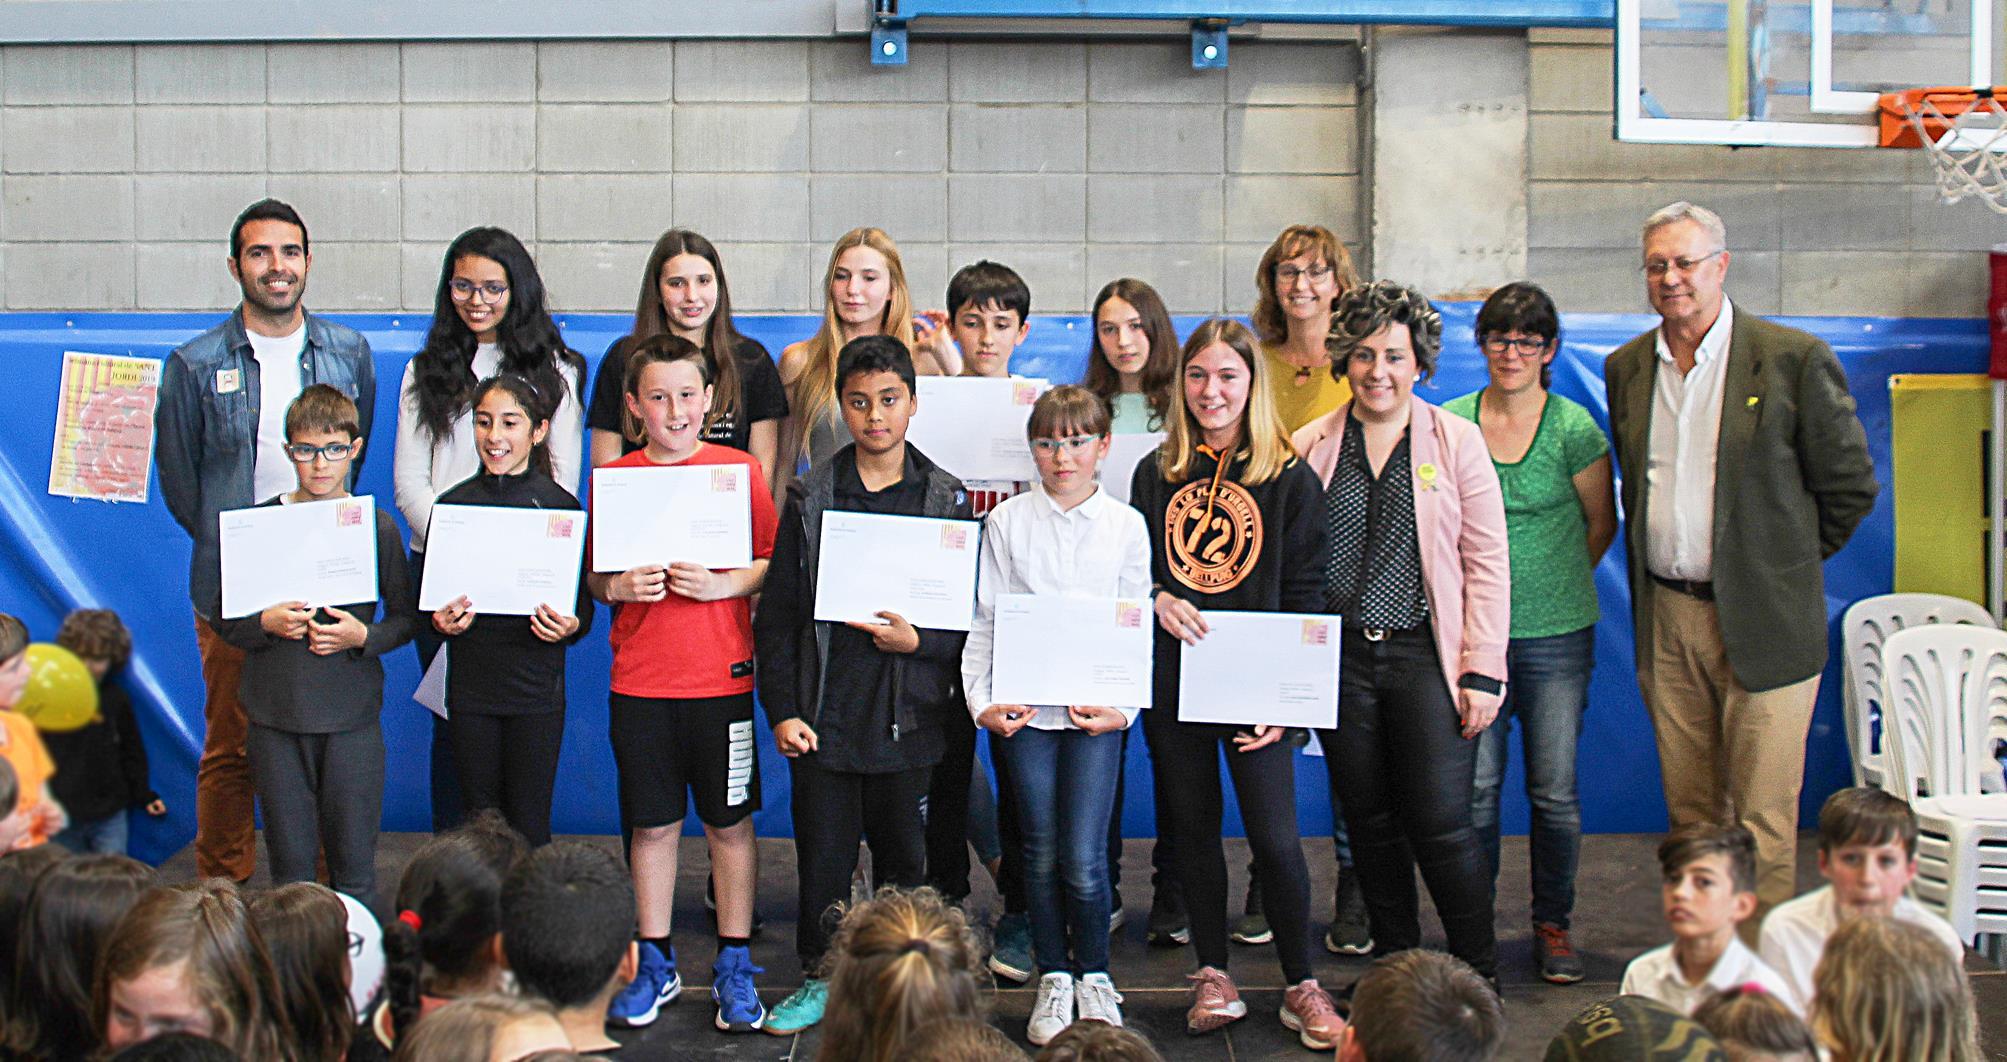 Bellpuig lliura els premis del  Concurs Infantil i Juvenil de Prosa i Pintura dins els actes de la diada de Sant Jordi